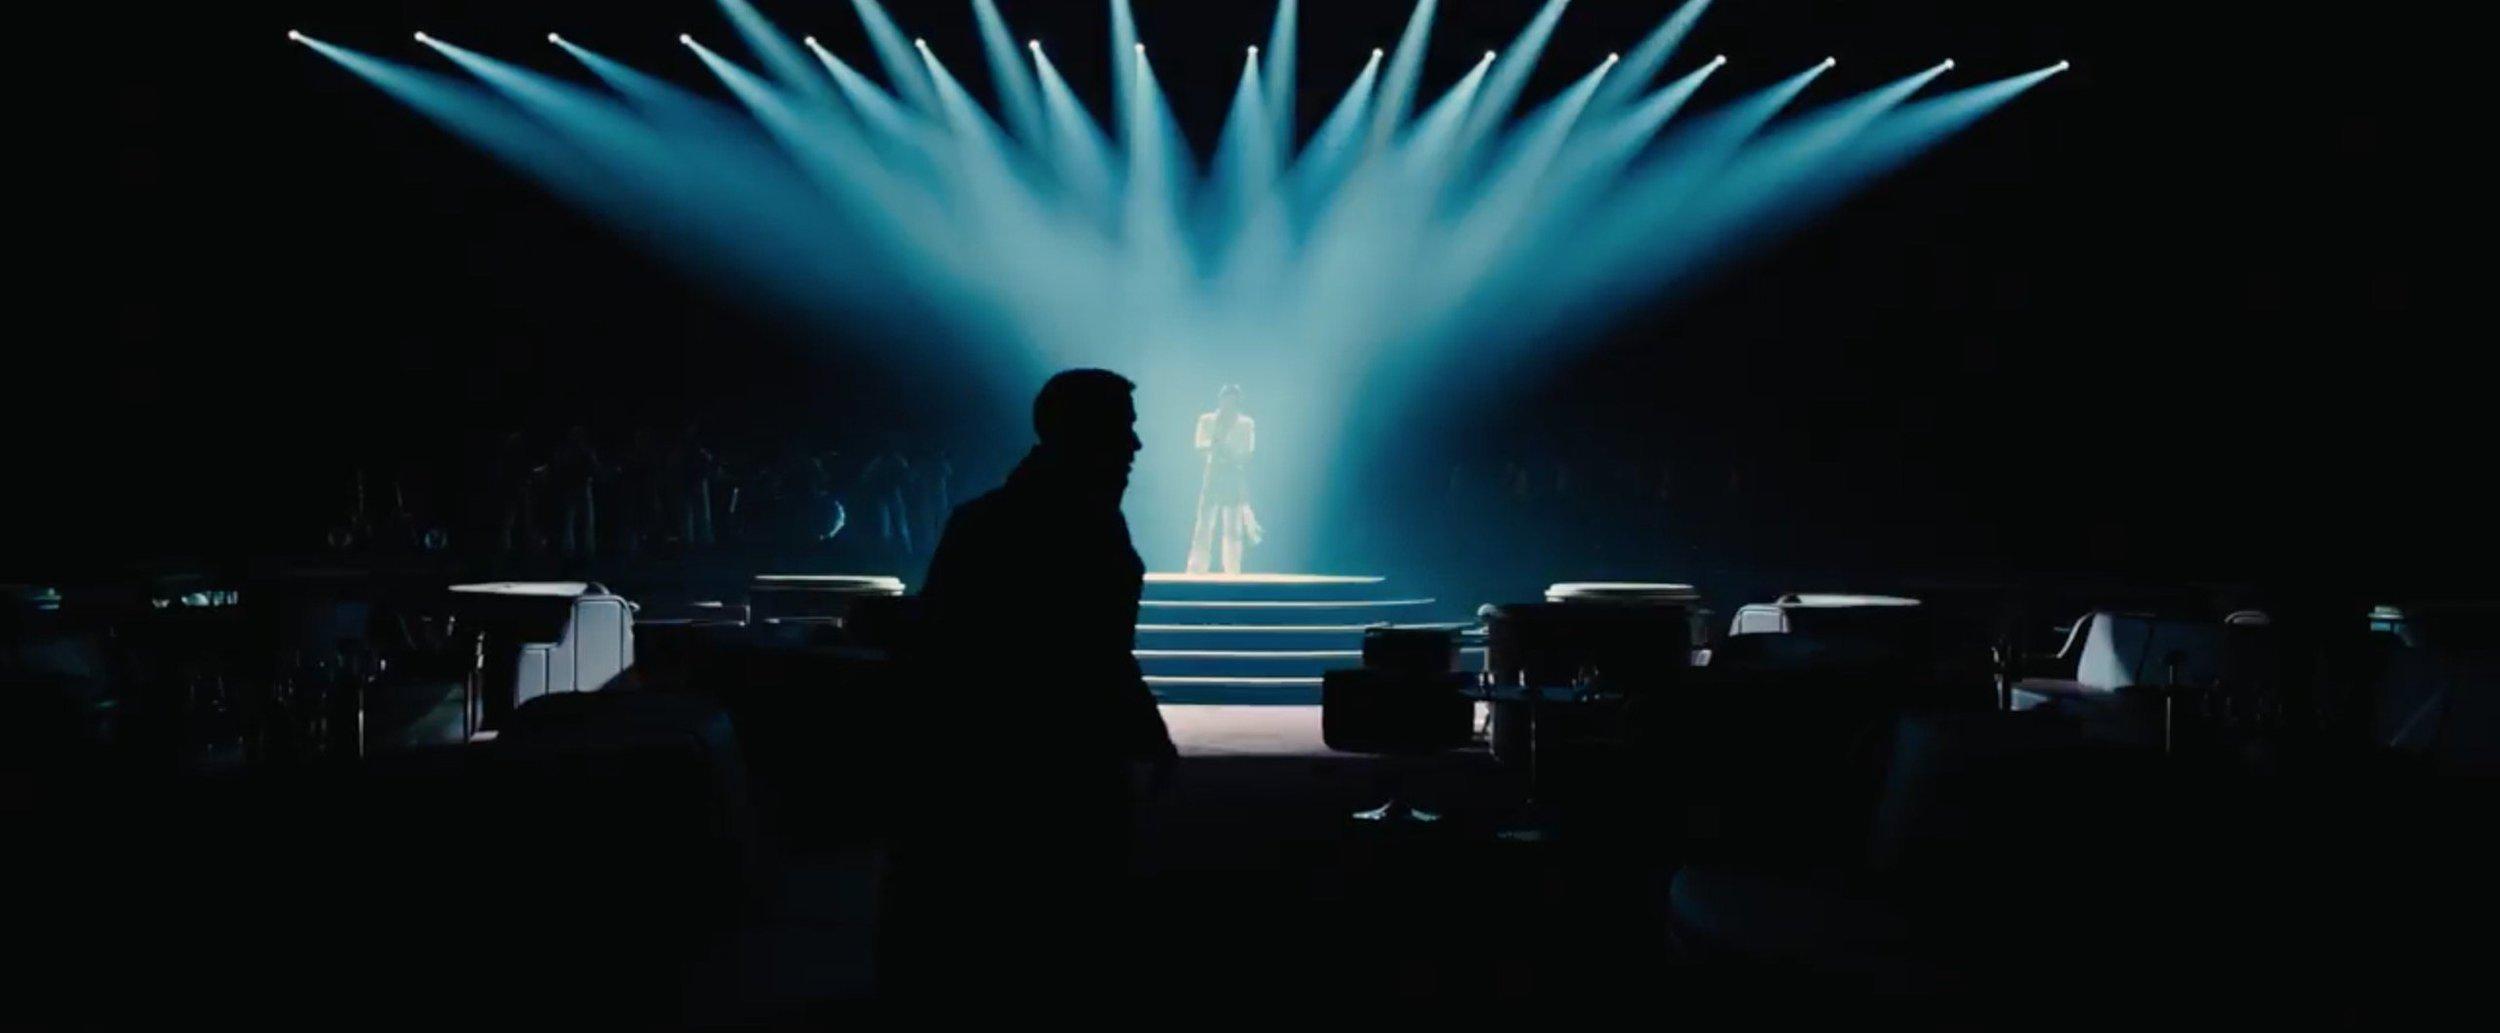 Blade-Runner-2049-trailer-breakdown-32.jpg